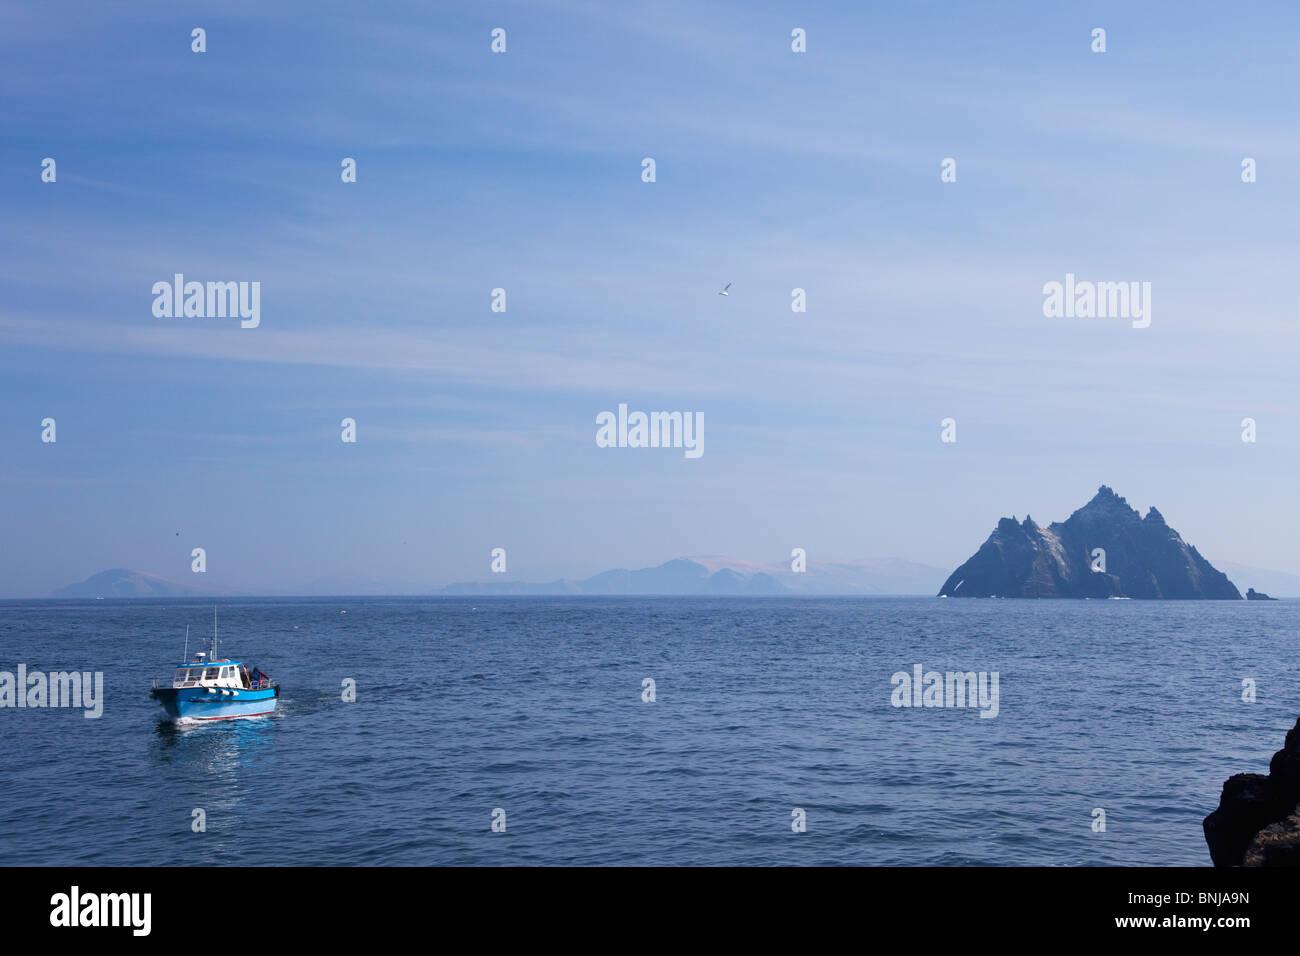 Barco, viaje, Skellig Michael, Condado, Co.,Kerry, en primavera, el sol, República de Irlanda, Irlanda, Europa Imagen De Stock